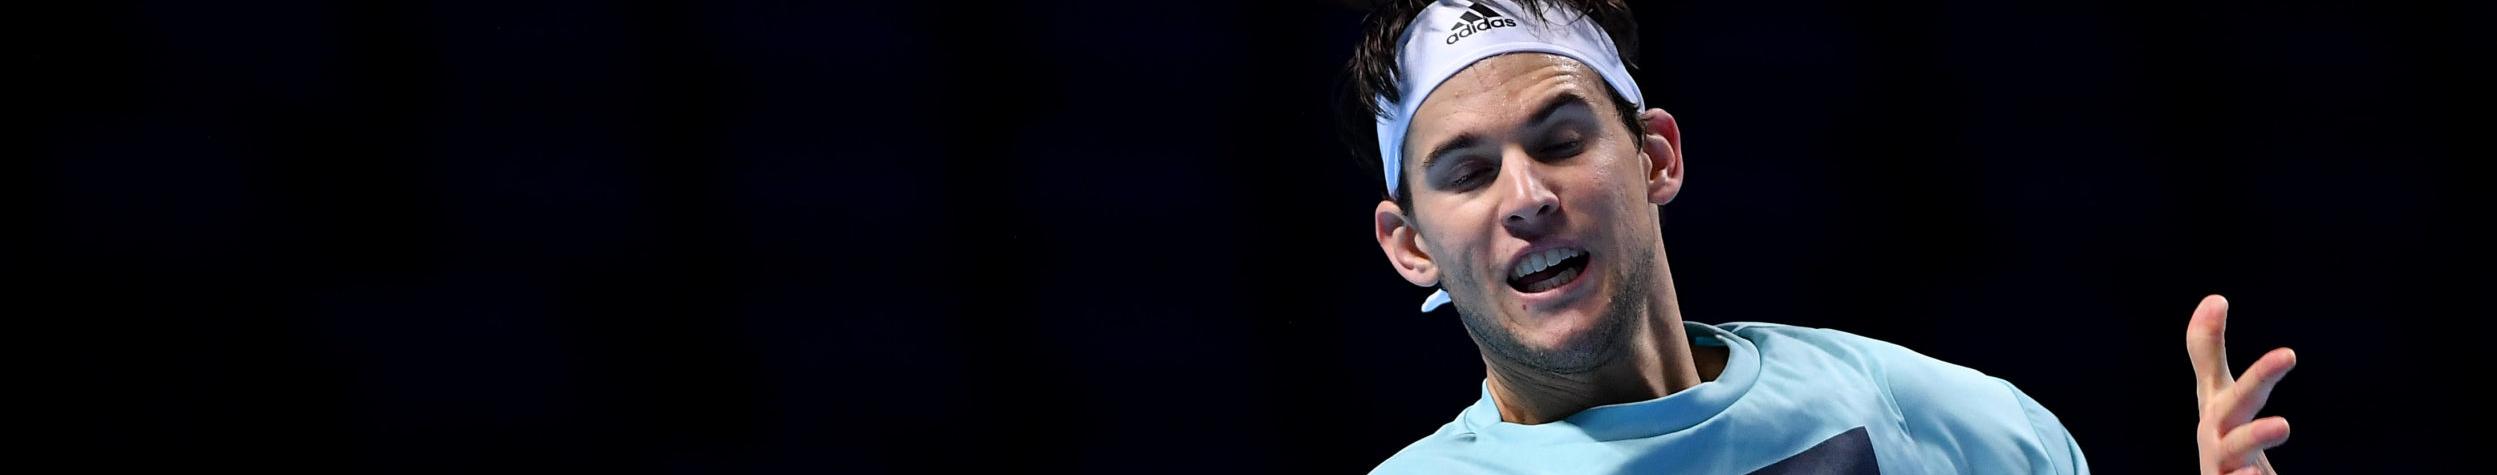 ATP Cup 2020: Nadal e Djokovic superfavoriti, ma occhio alla sfida tra Thiem e Coric